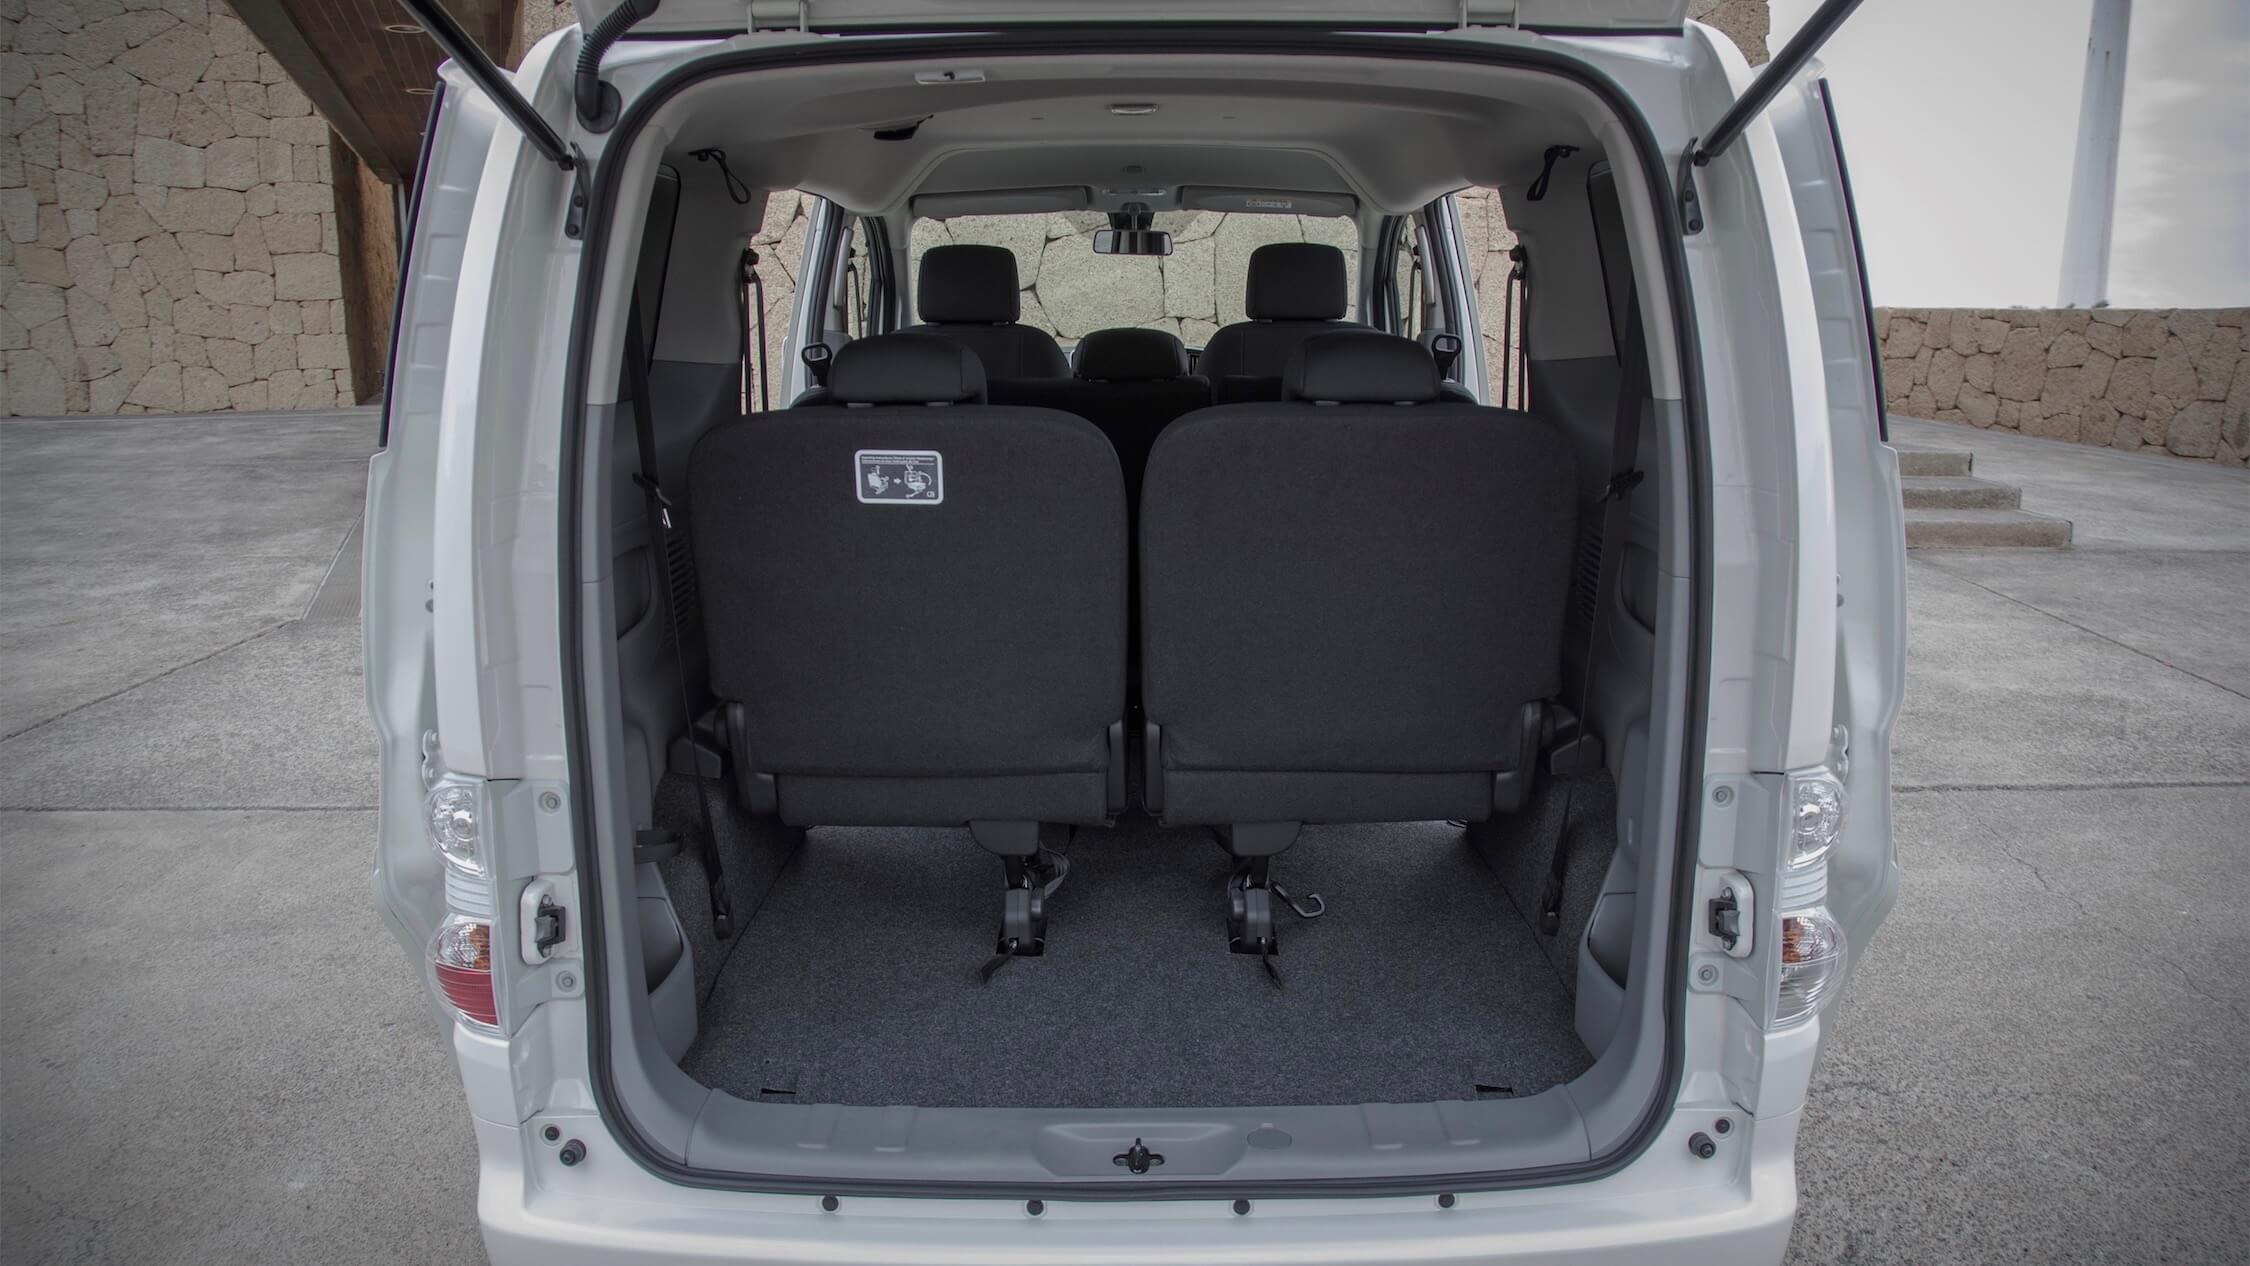 Nissan e-NV200 mala 2